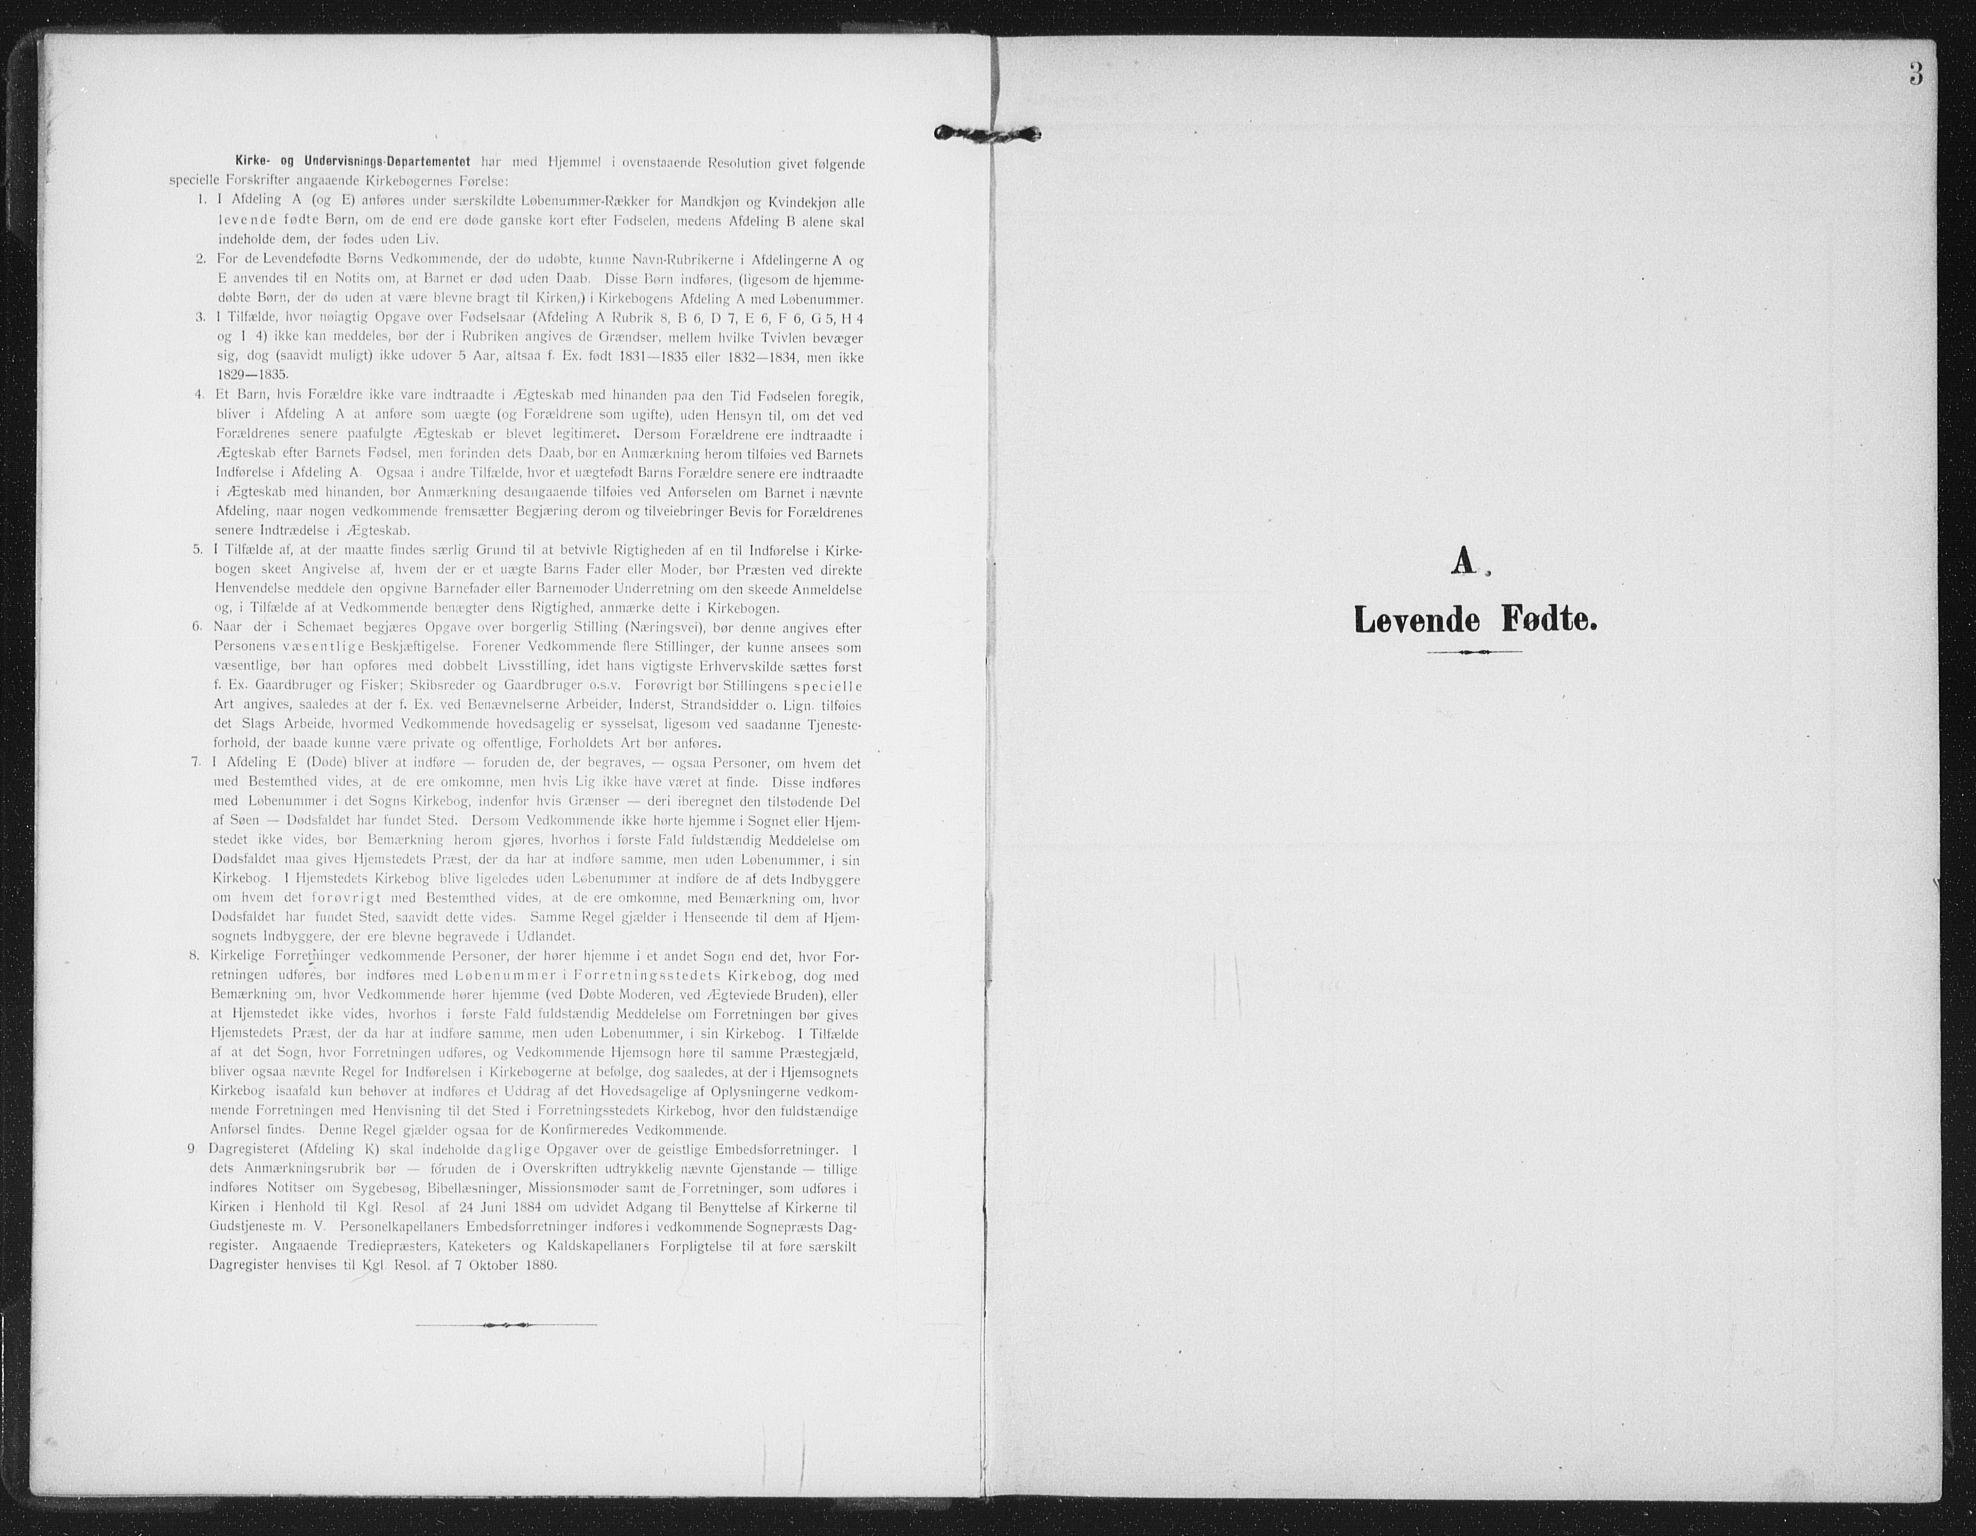 SAT, Ministerialprotokoller, klokkerbøker og fødselsregistre - Nord-Trøndelag, 747/L0460: Klokkerbok nr. 747C02, 1908-1939, s. 3